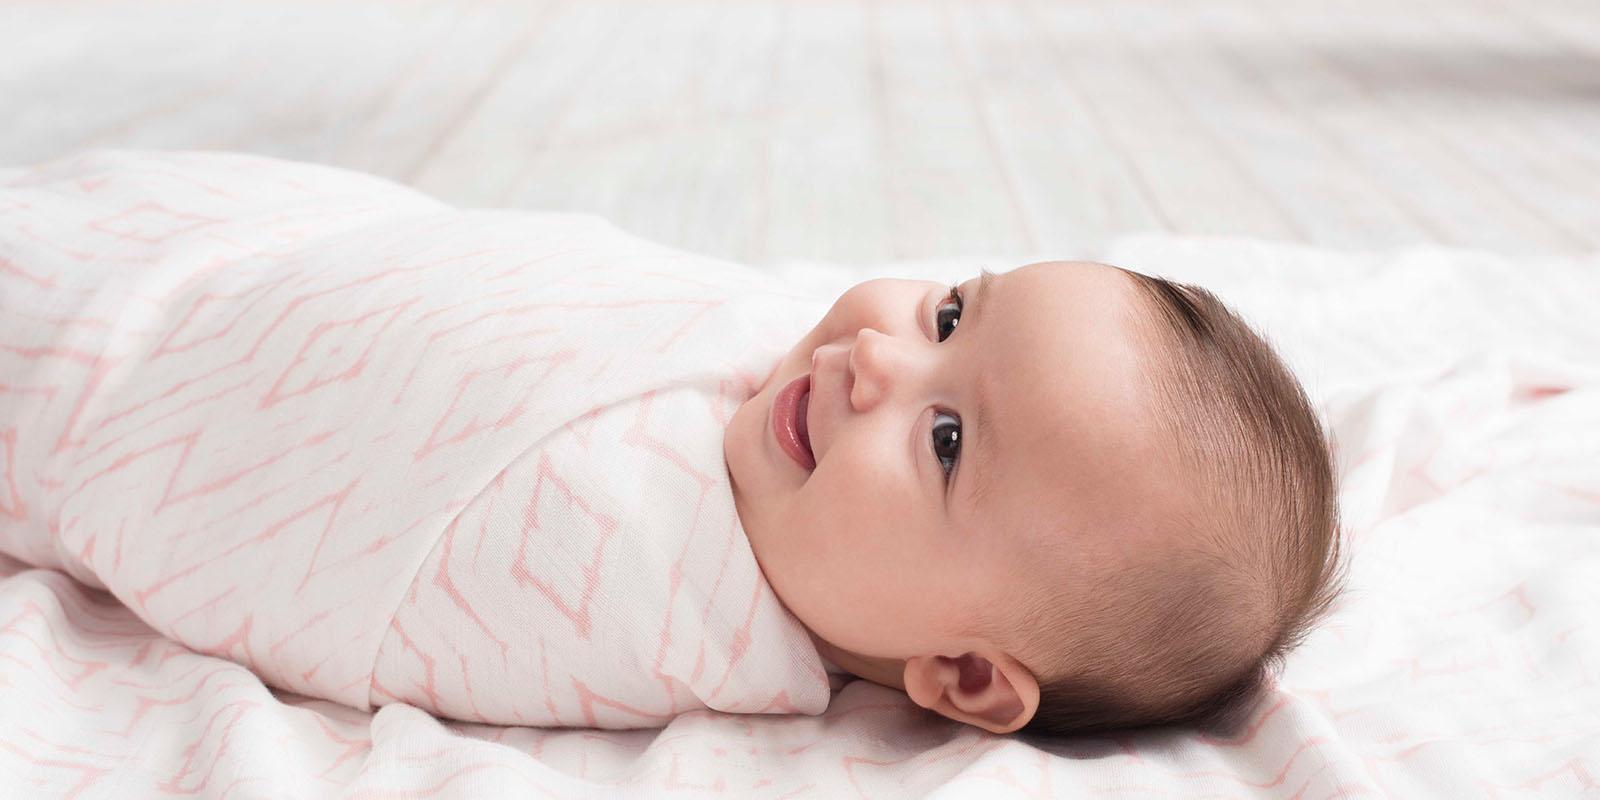 Les bienfaits de l'emmaillotage pour bébé